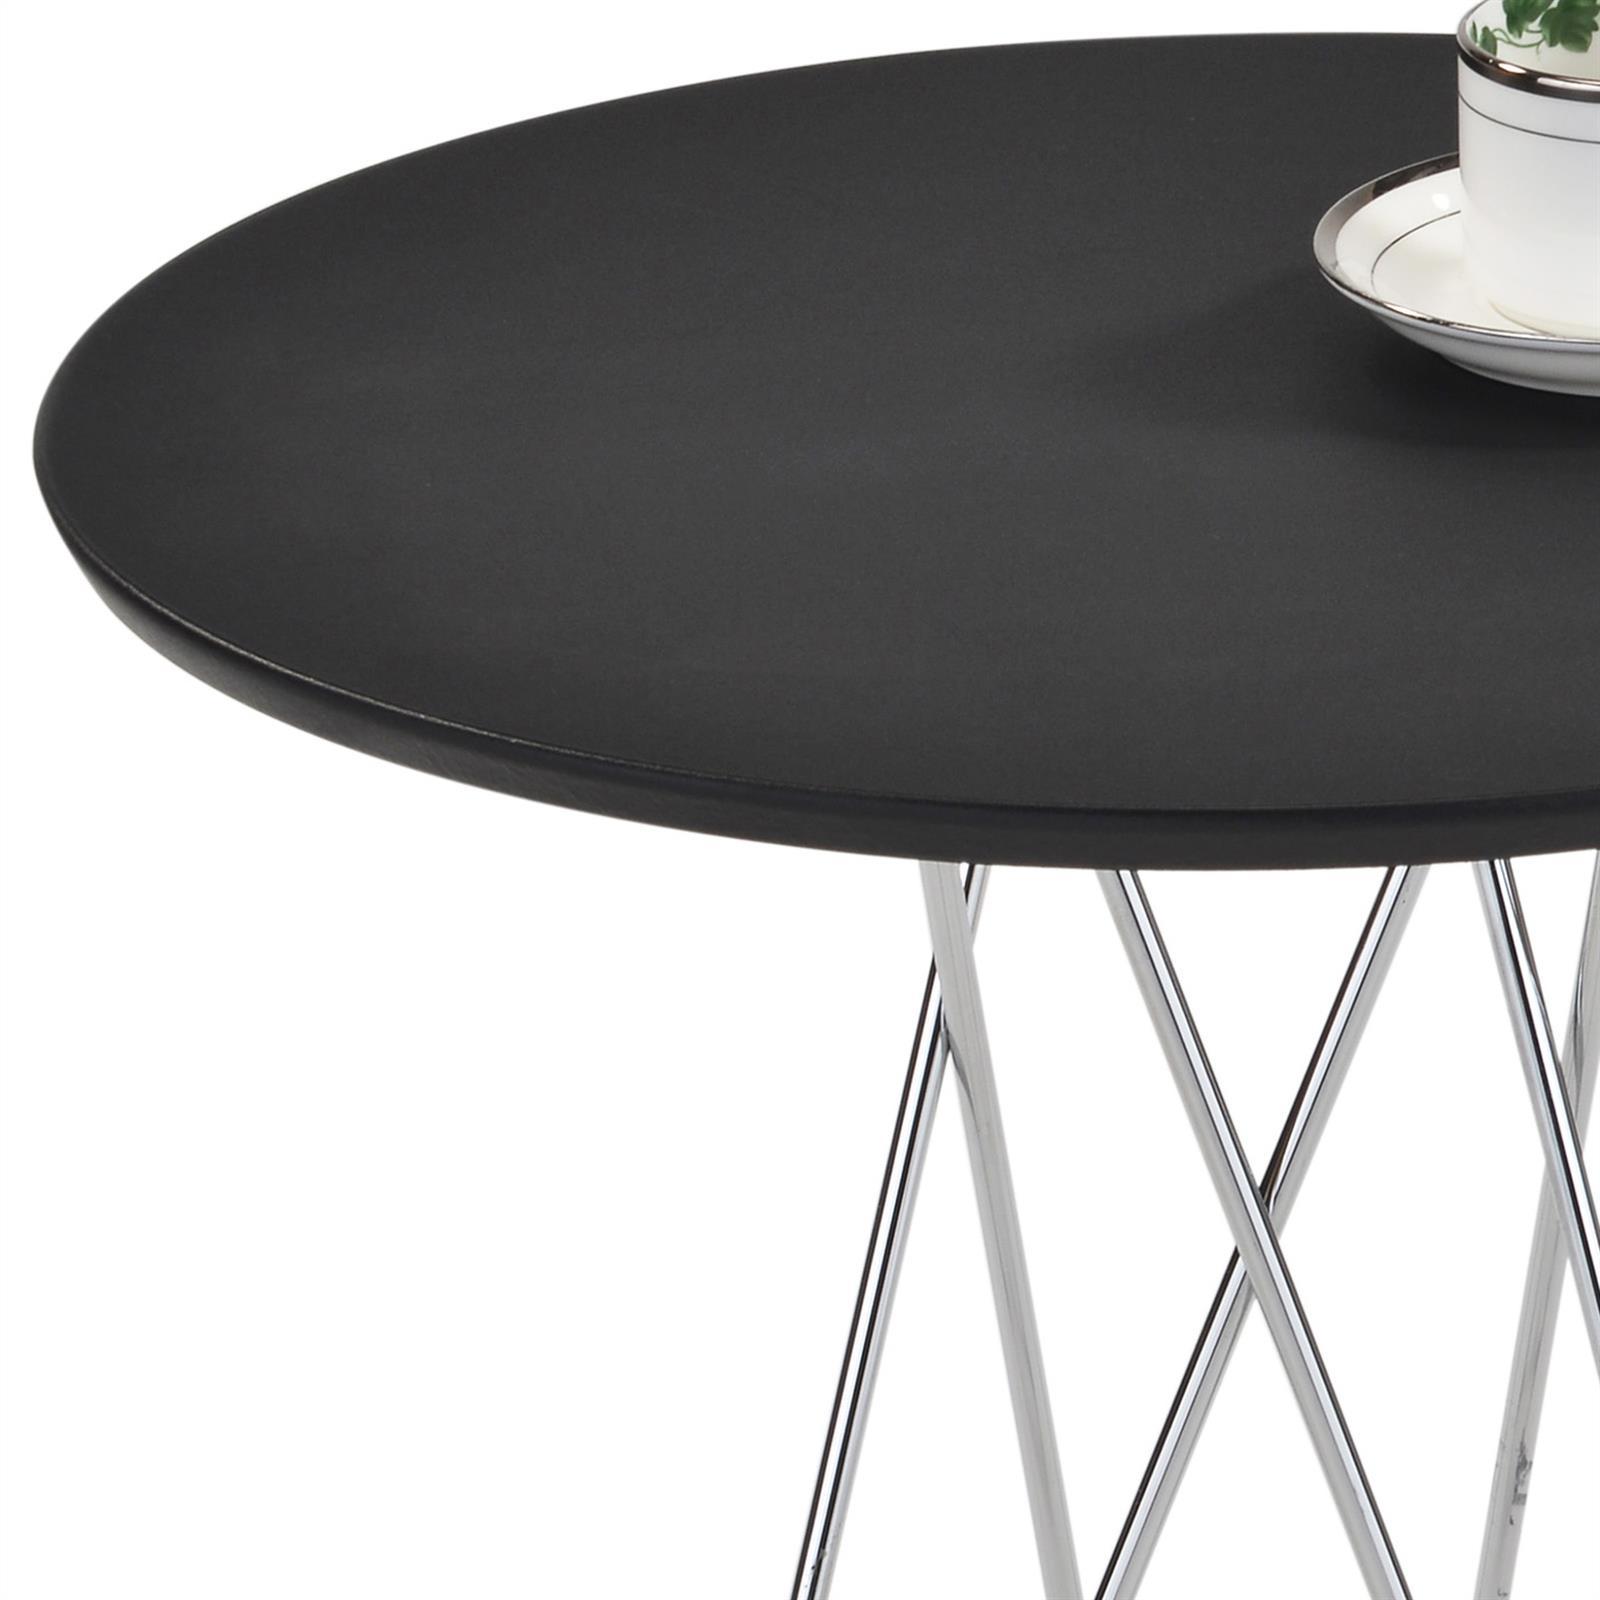 beistelltisch benno rund schwarz mobilia24. Black Bedroom Furniture Sets. Home Design Ideas